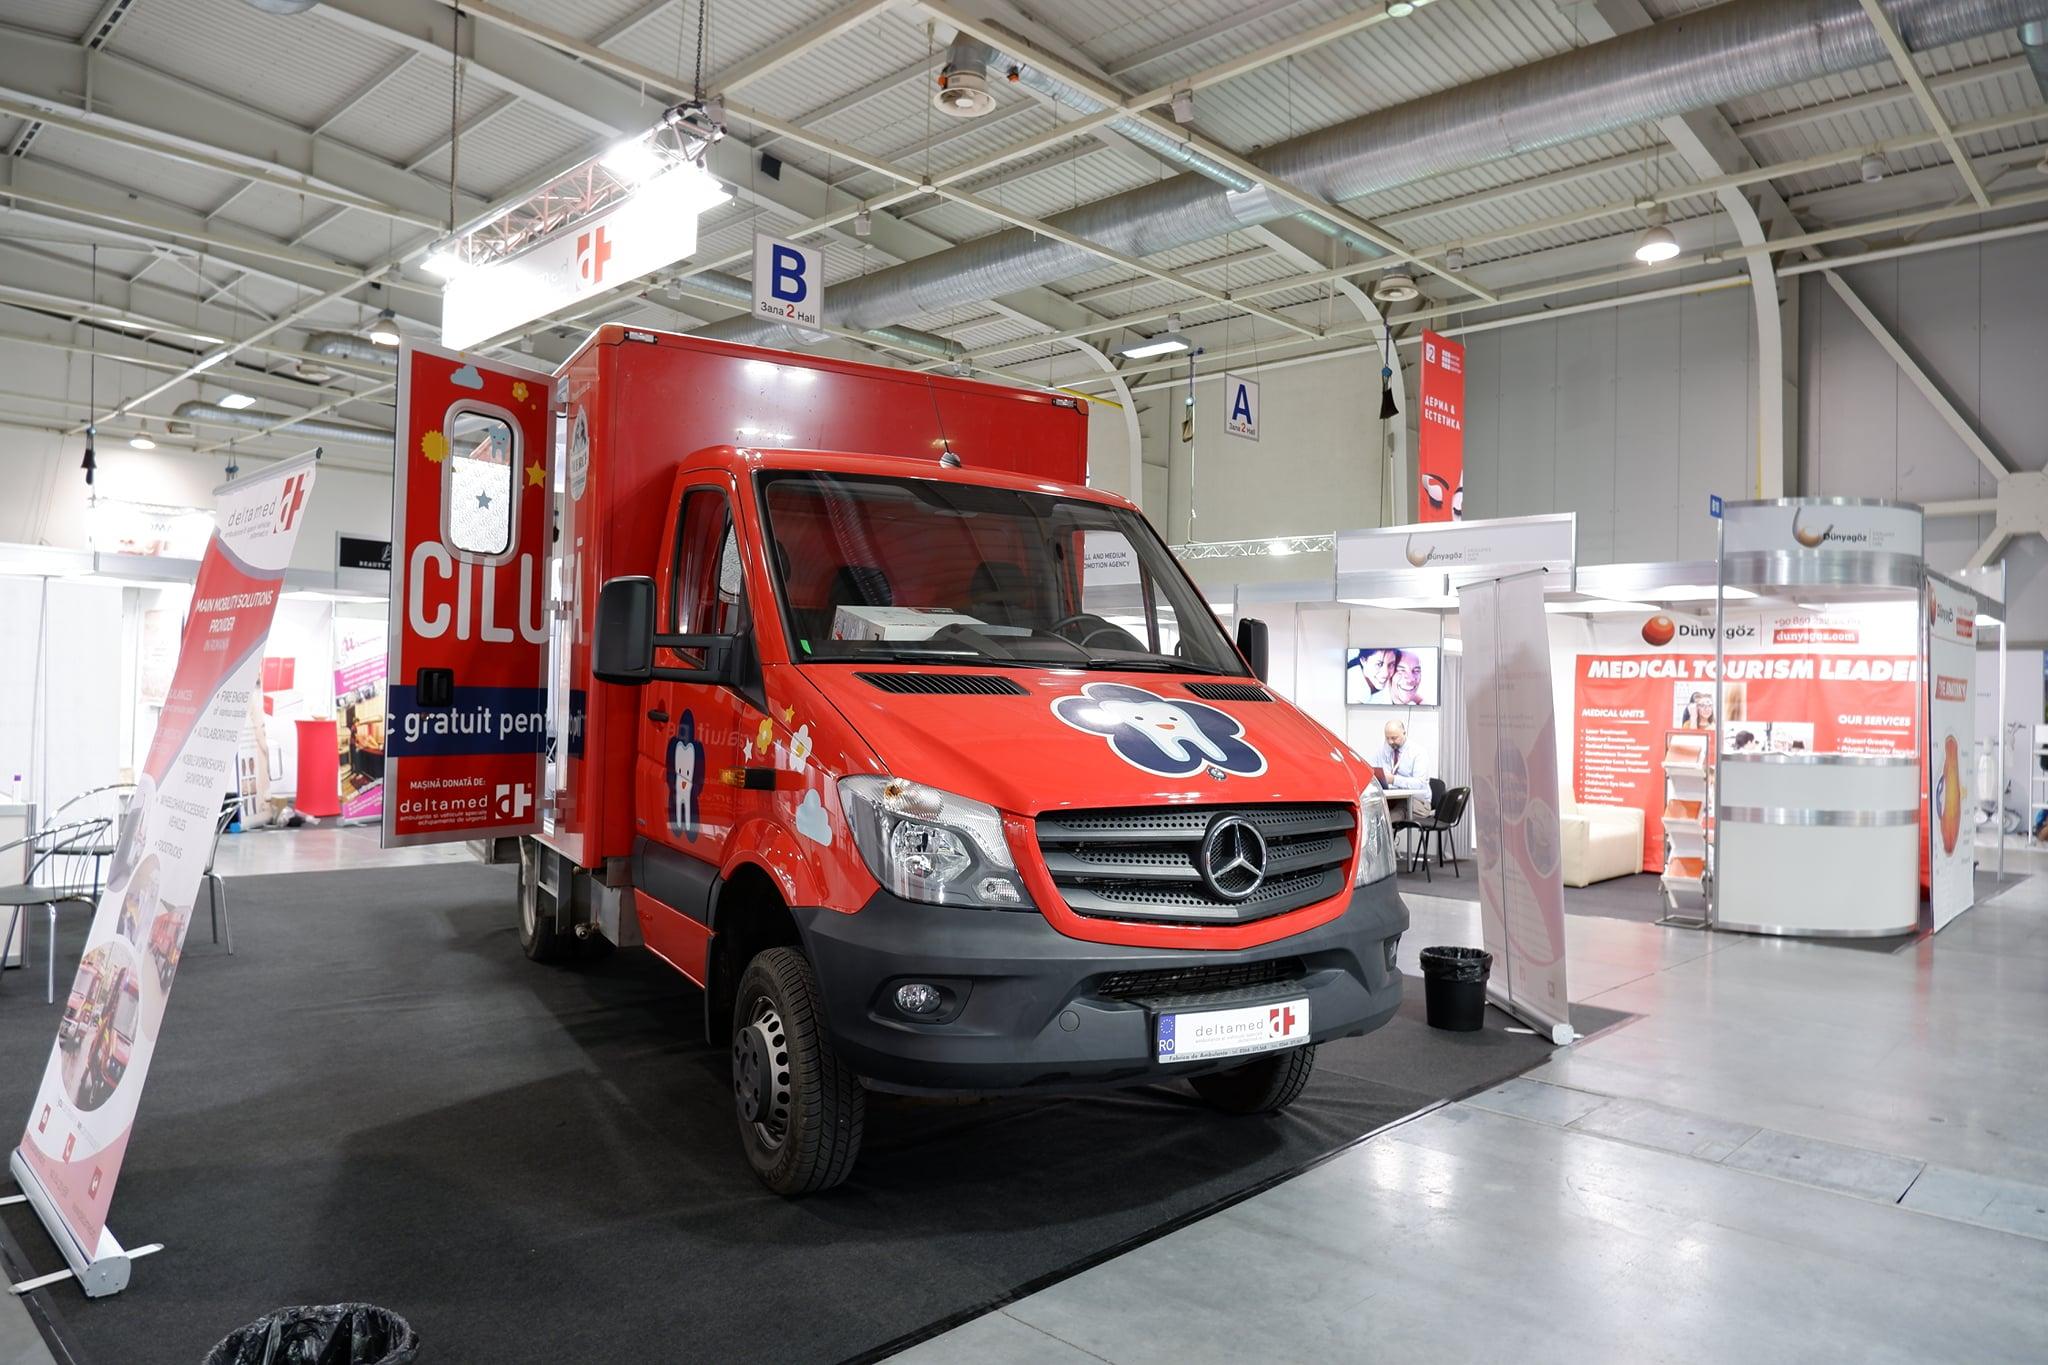 Al doilea cabinet stomatologic mobil al asociației prezentat în cadrul unei expoziții prestigioase la Sofia